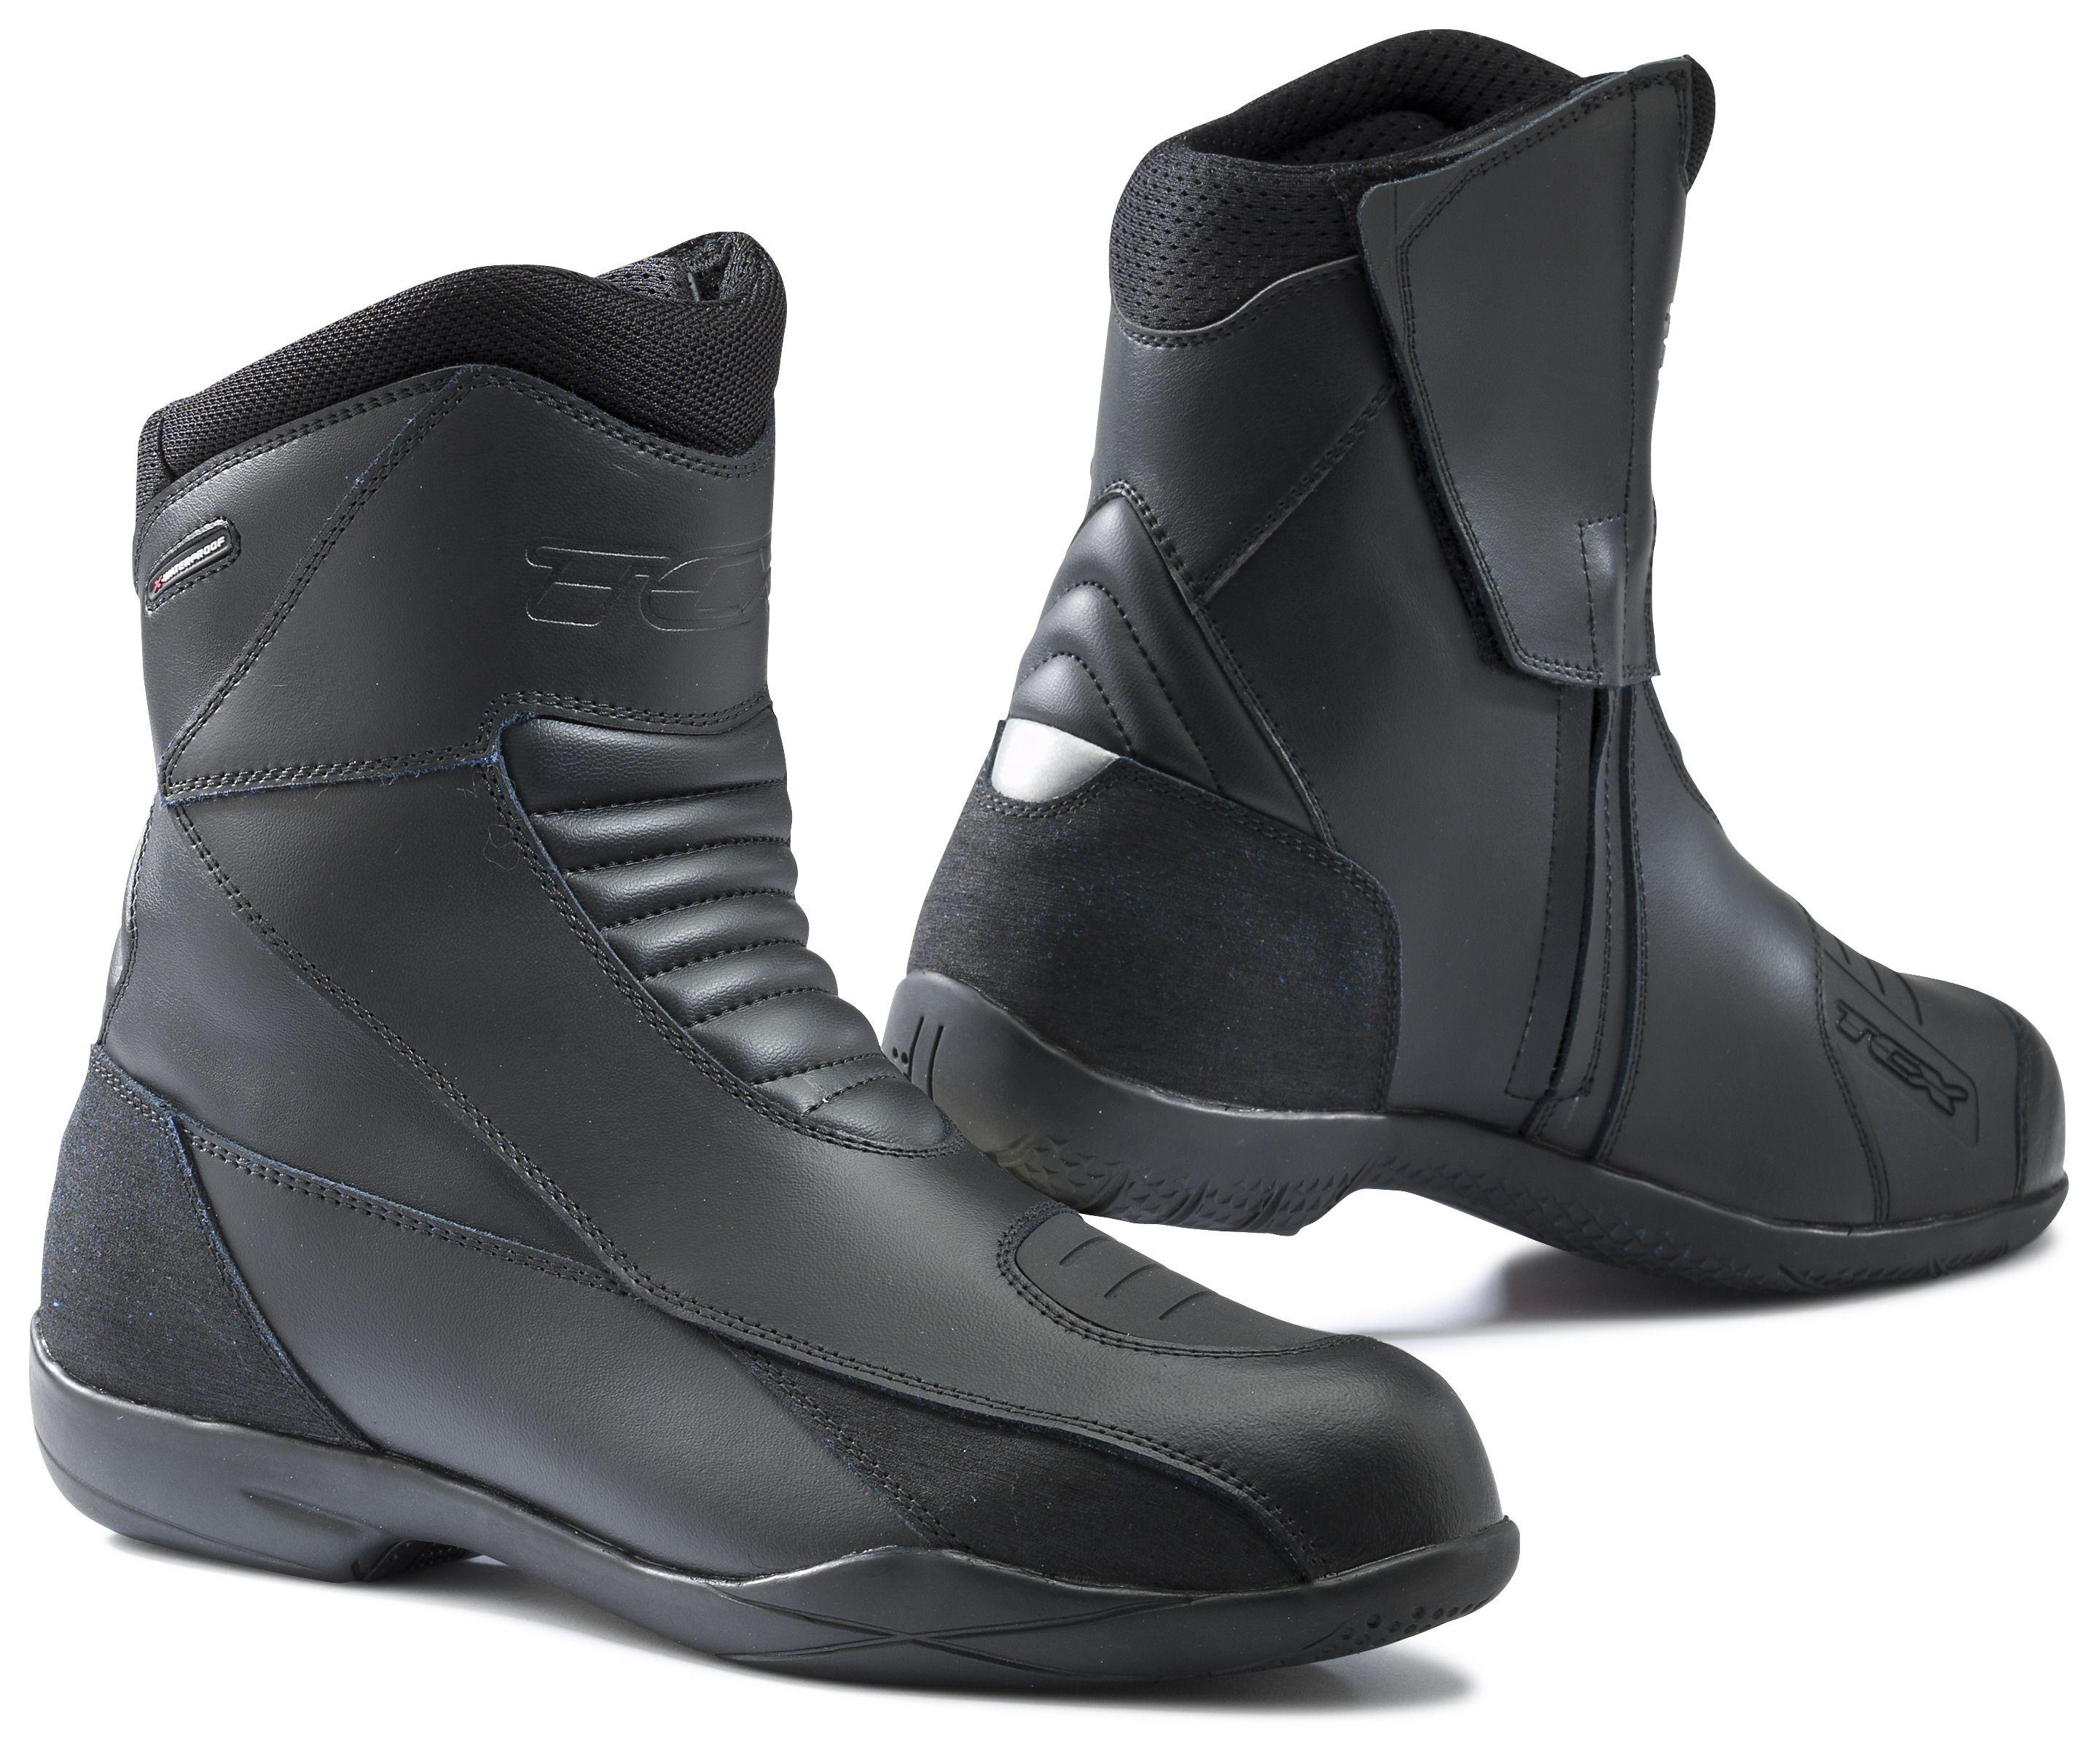 TCX X-Ride WP Boots - RevZilla